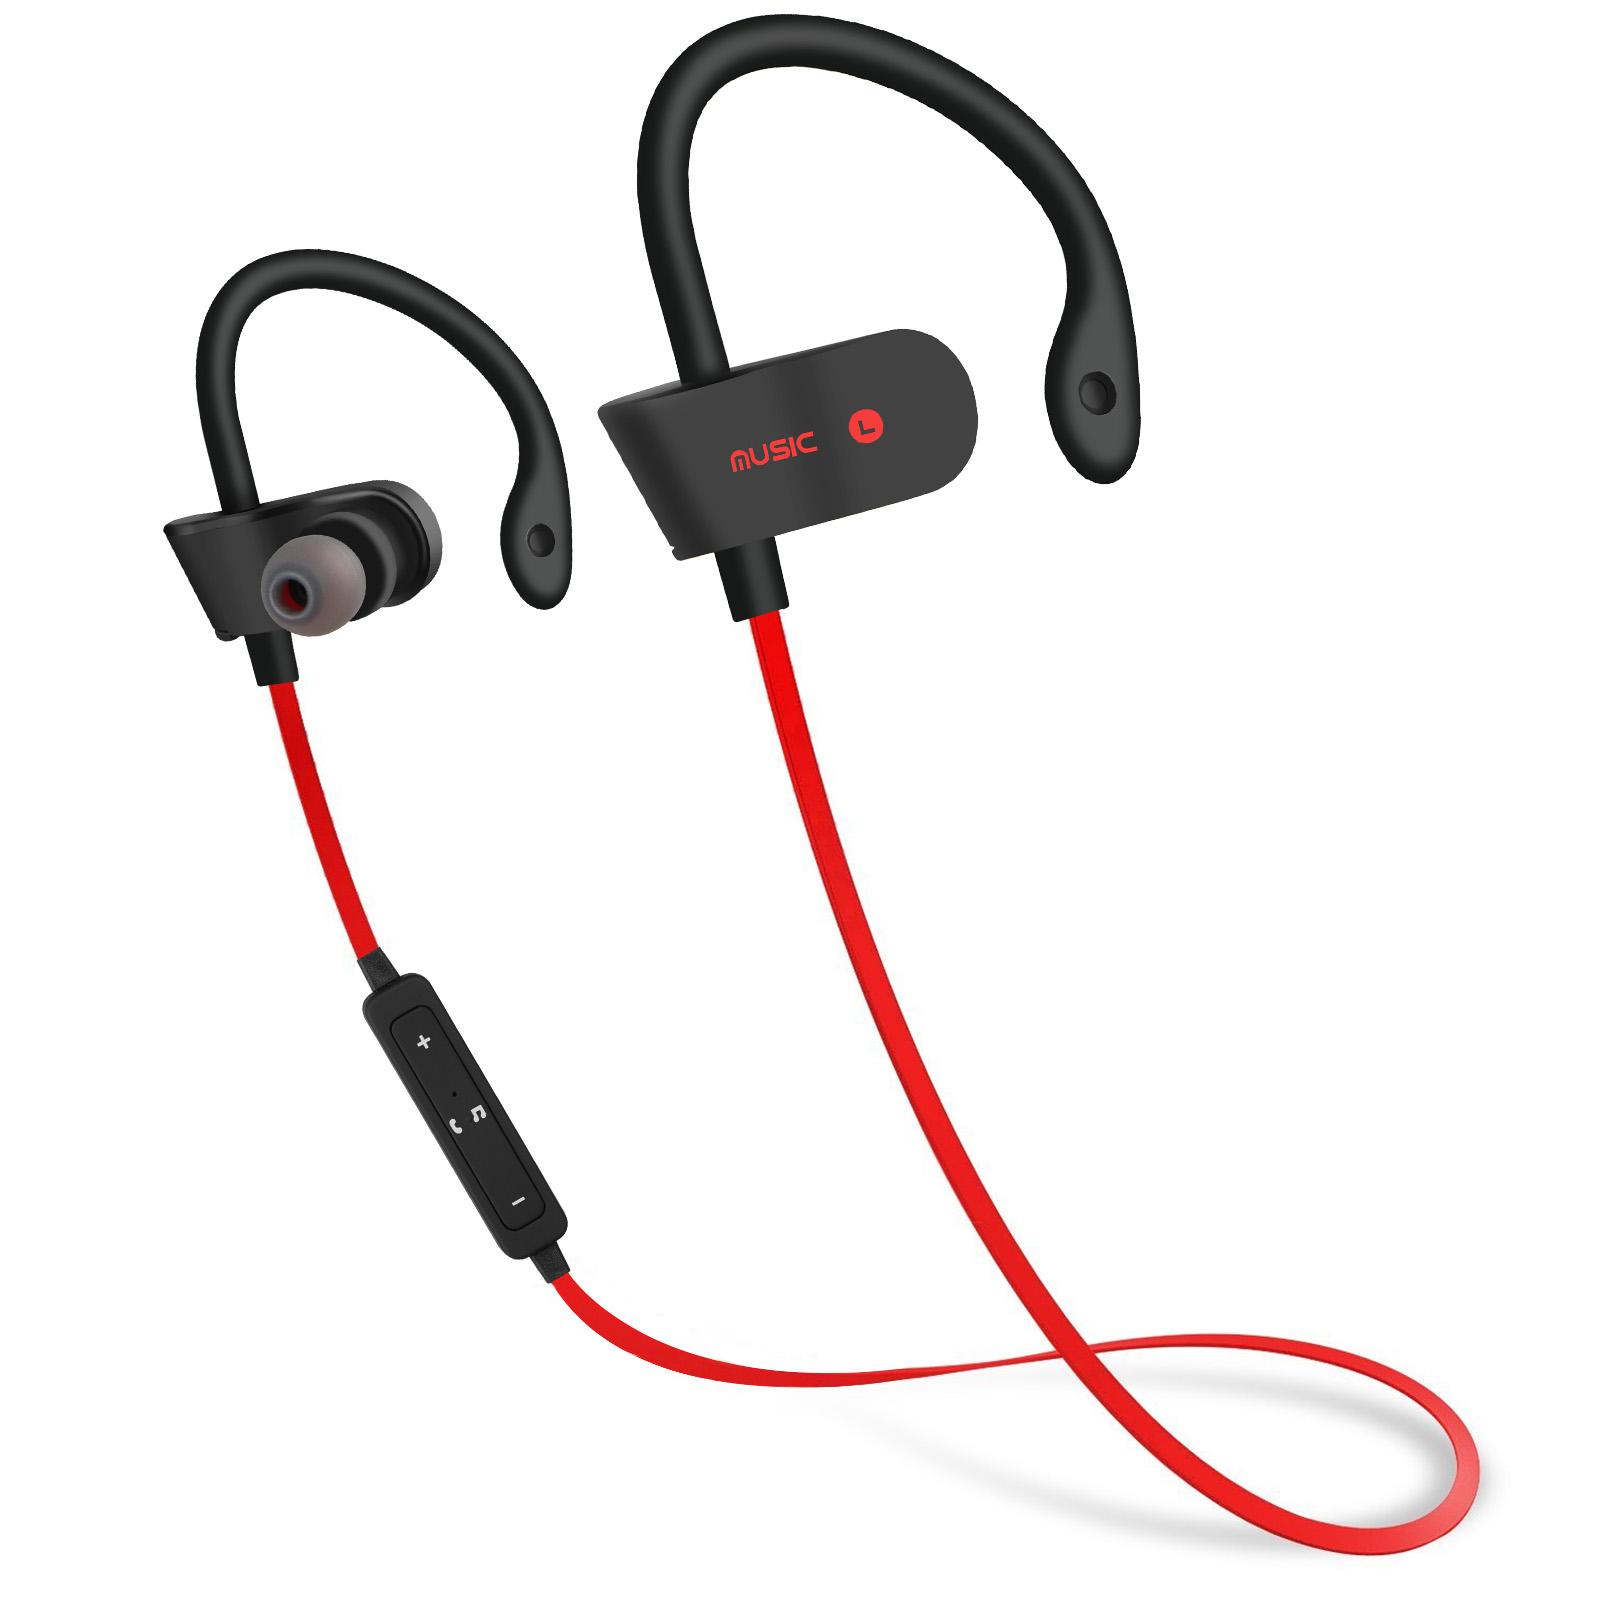 Headset With Bluetooth Stereo: Universal Earphone Wireless Ear-Hook In Ear Headset Stereo